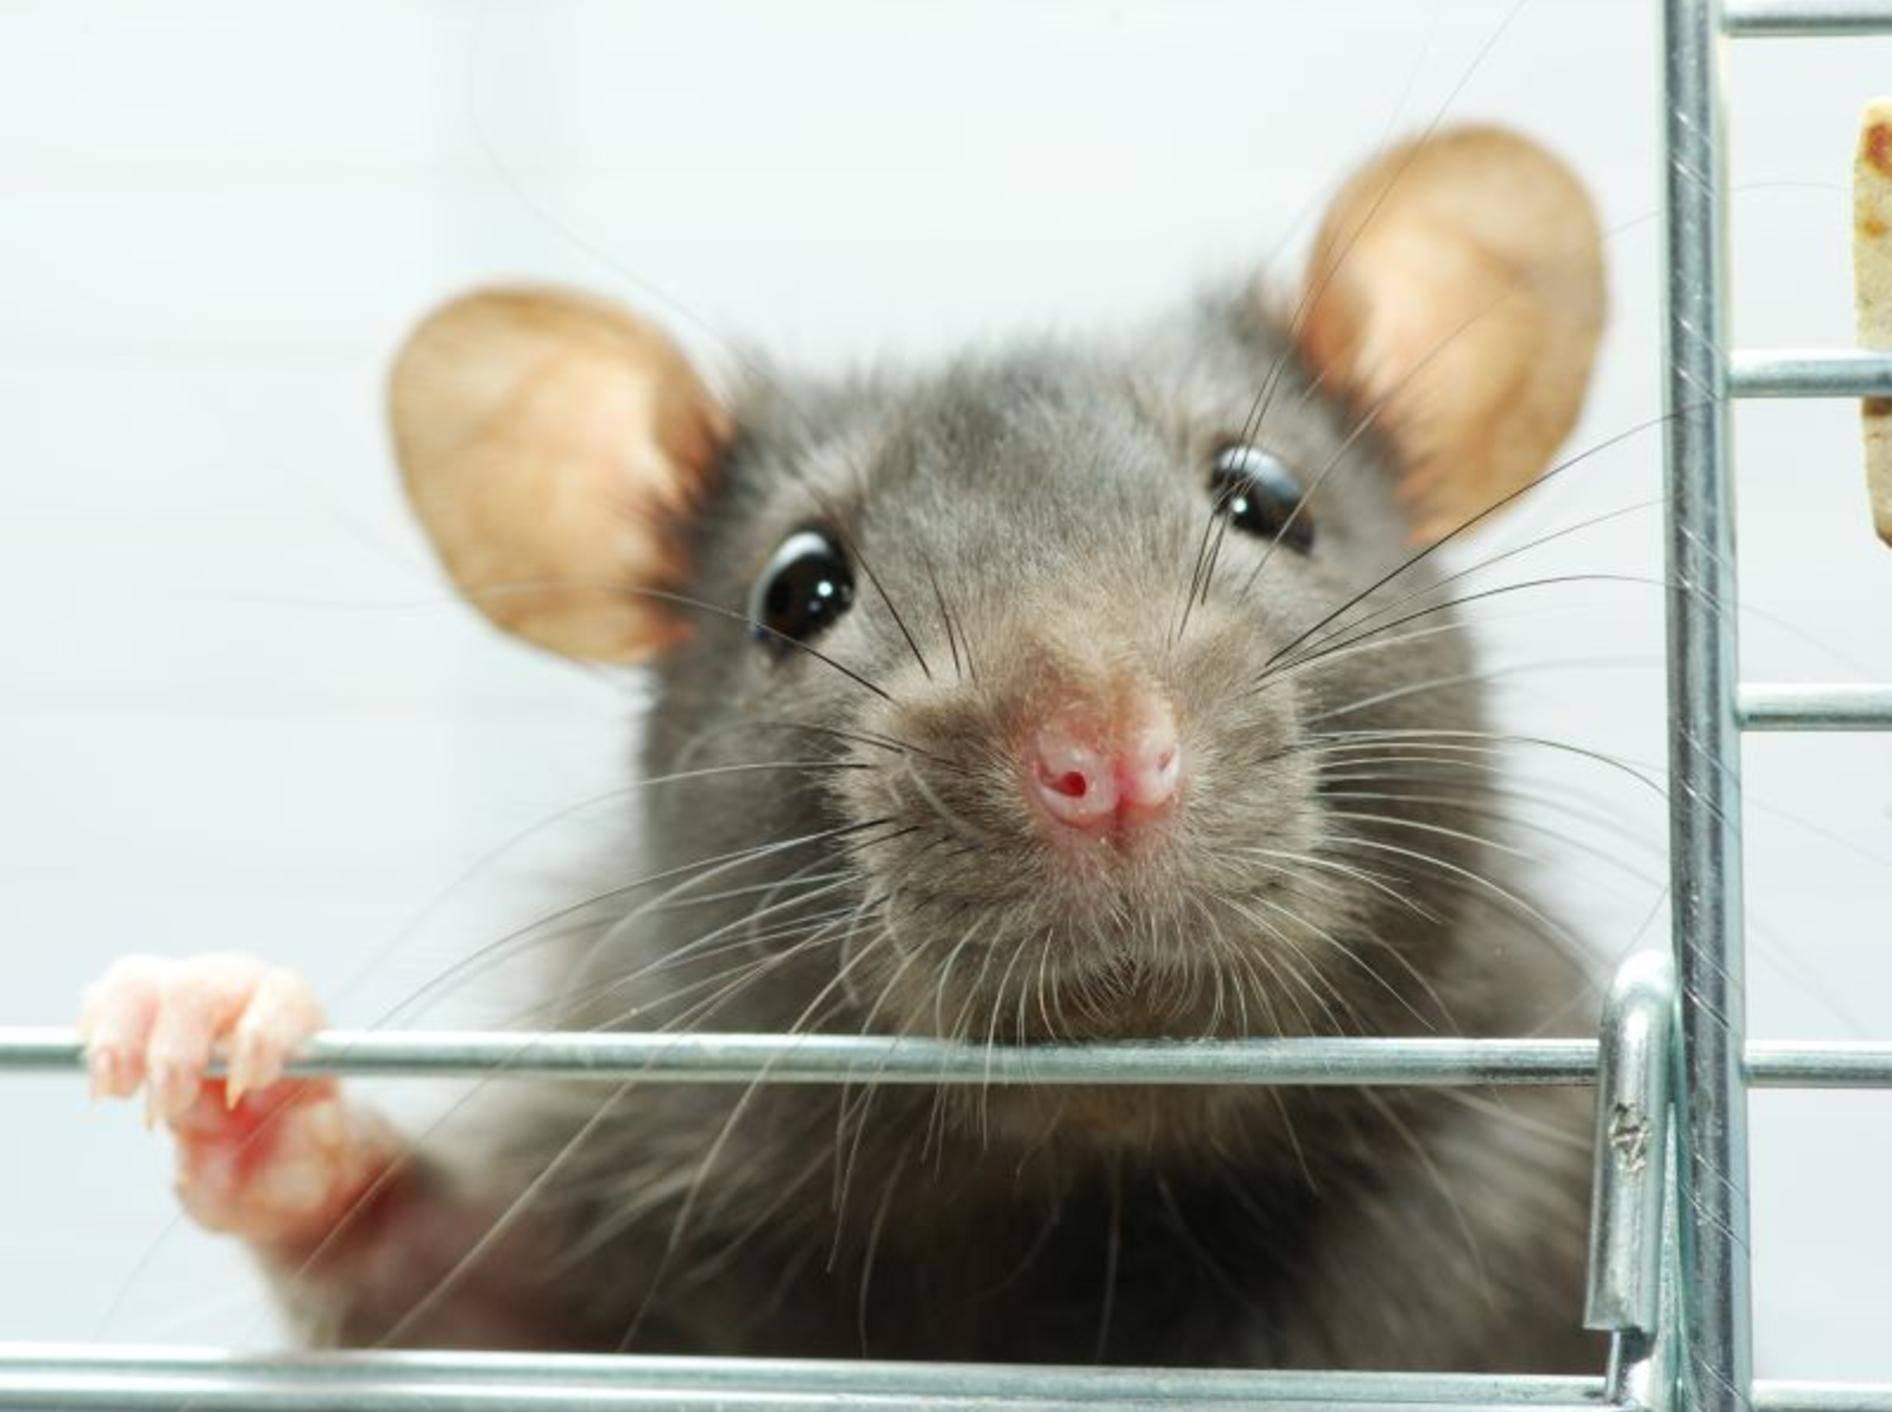 Na, wer schaut denn da so frech aus der Wäsche? Eine süße Farbratte – Bild: Shutterstock / Pakhnyushchy